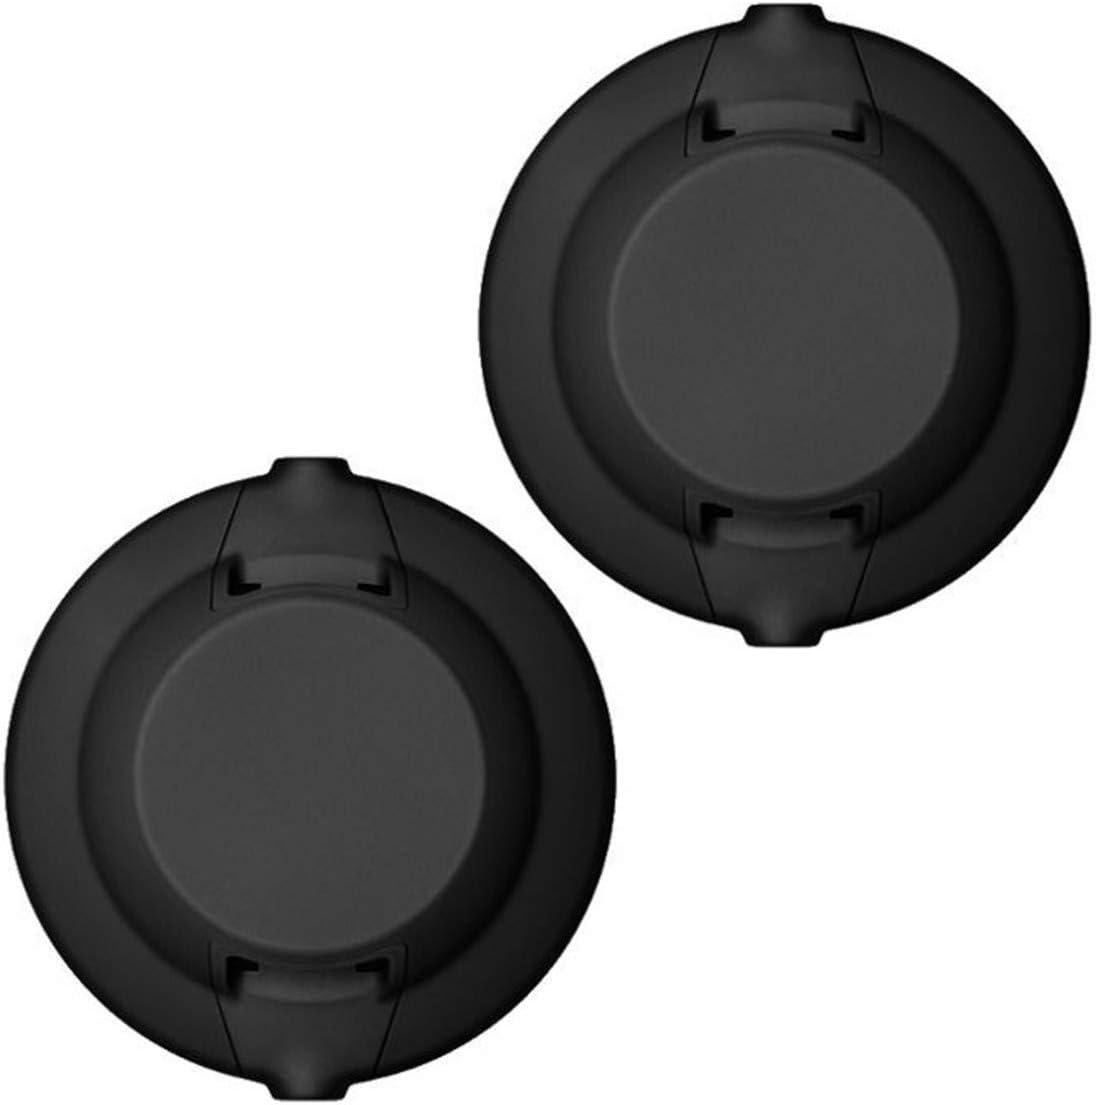 AIAIAIAI S05 Enceinte modulaire TMA-2 100 mW 113 dB membrane en cellulose biologique pilote 40 mm en n/éodyme de haute qualit/é Noir